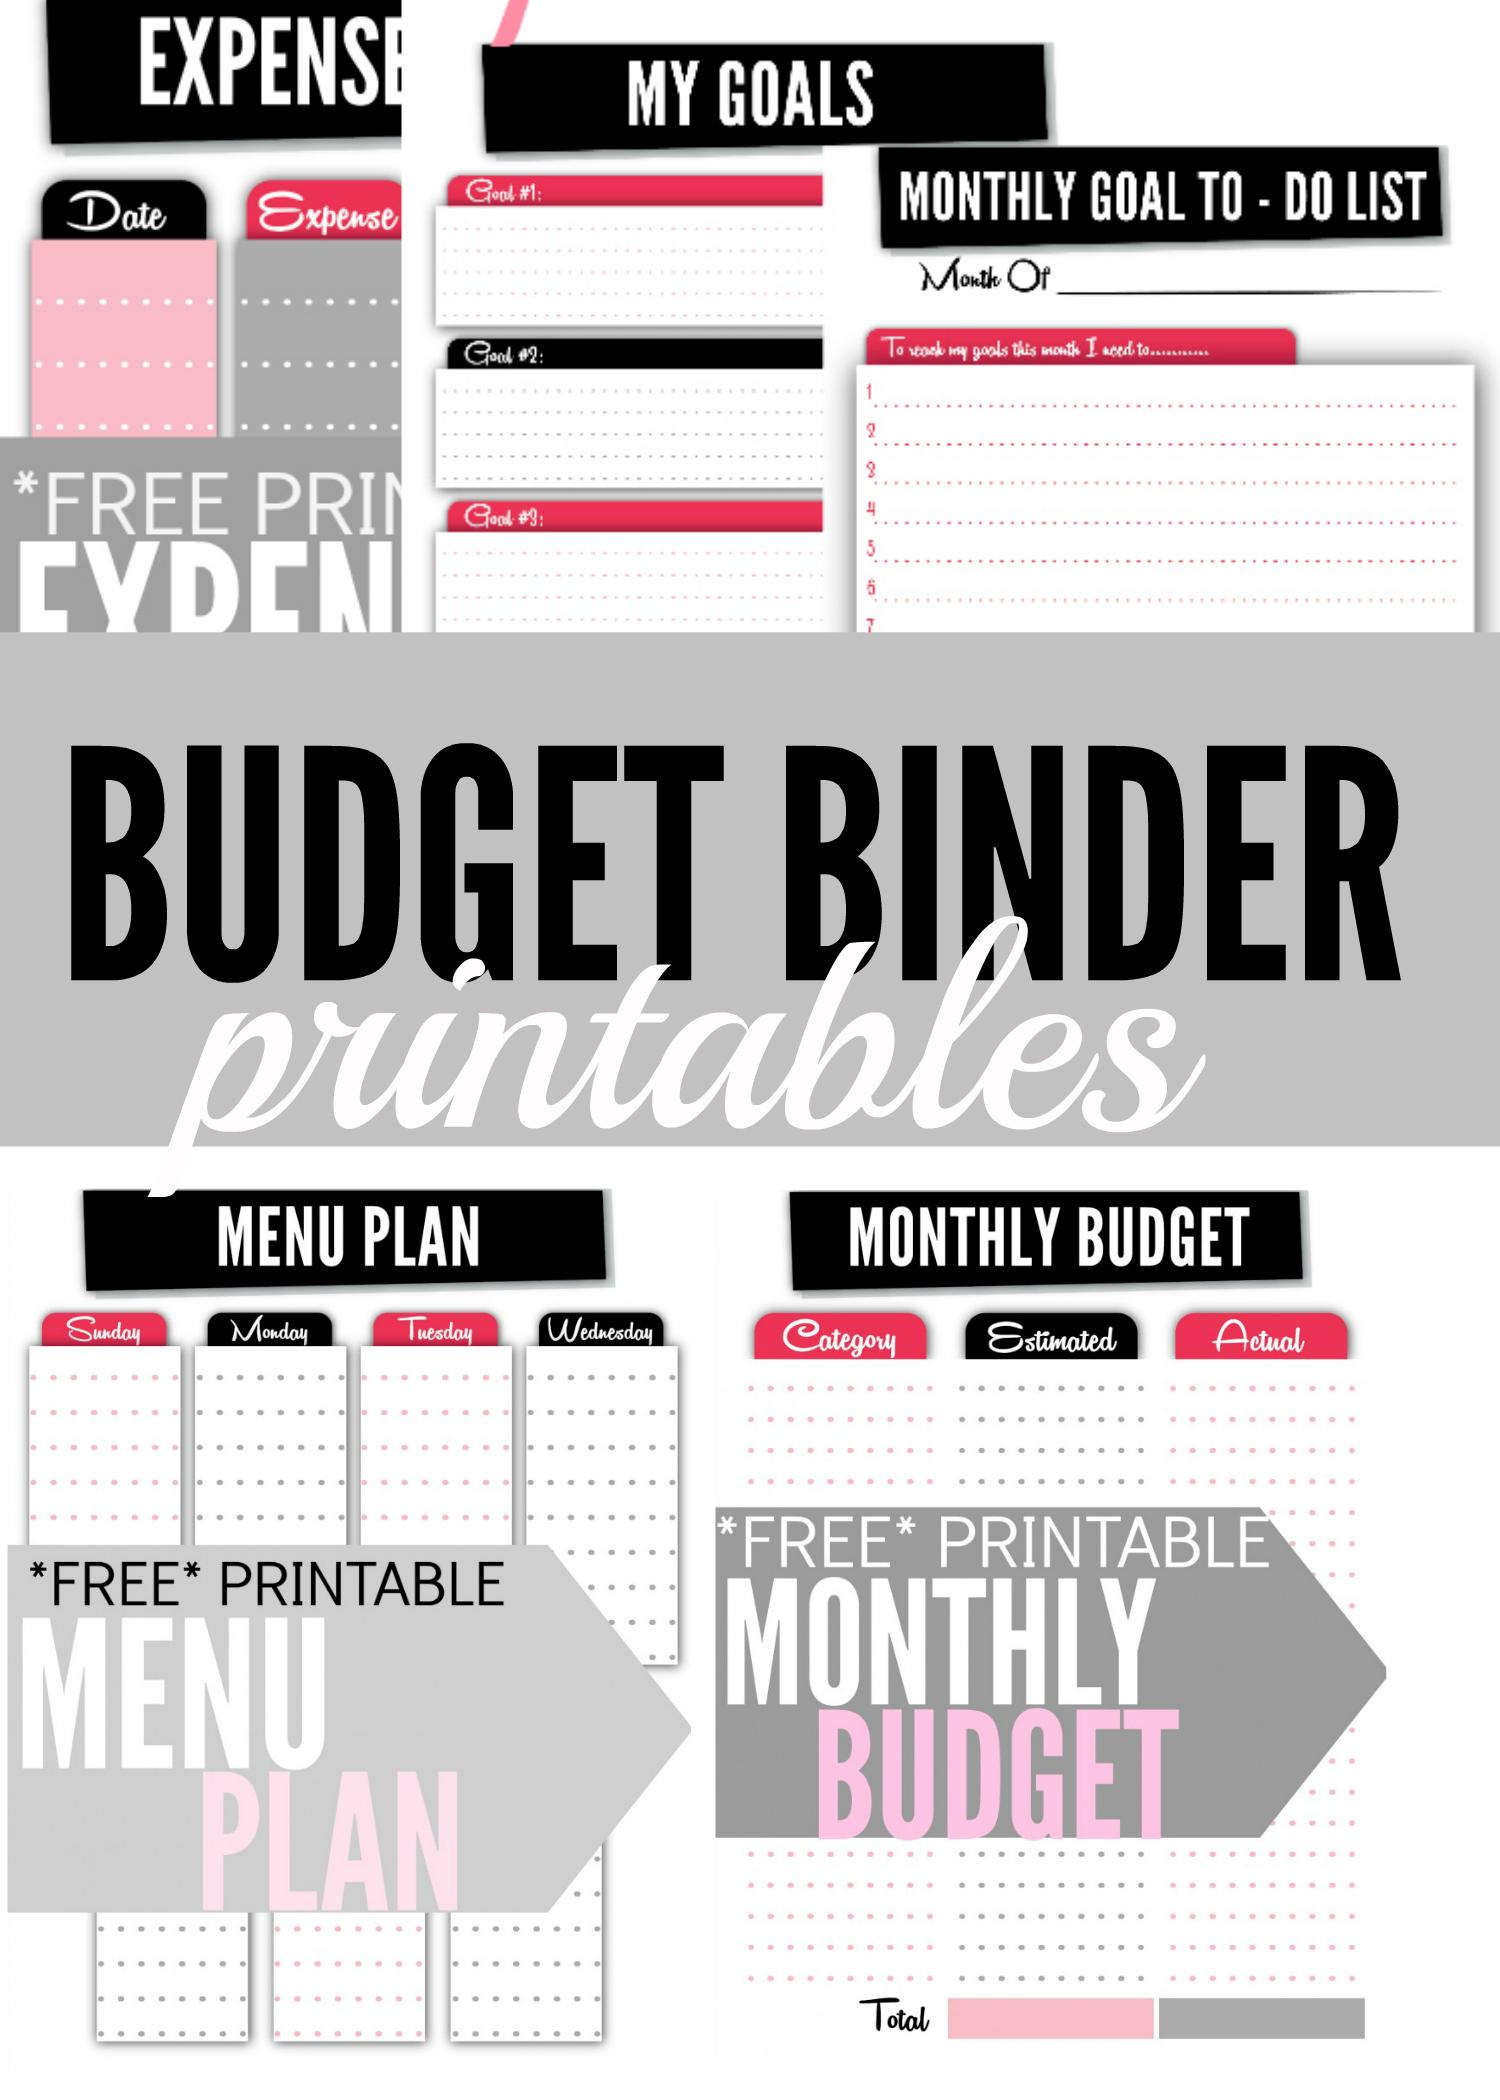 Budget Binder Printables - Single Moms Income   Printable Budget Binder Worksheets